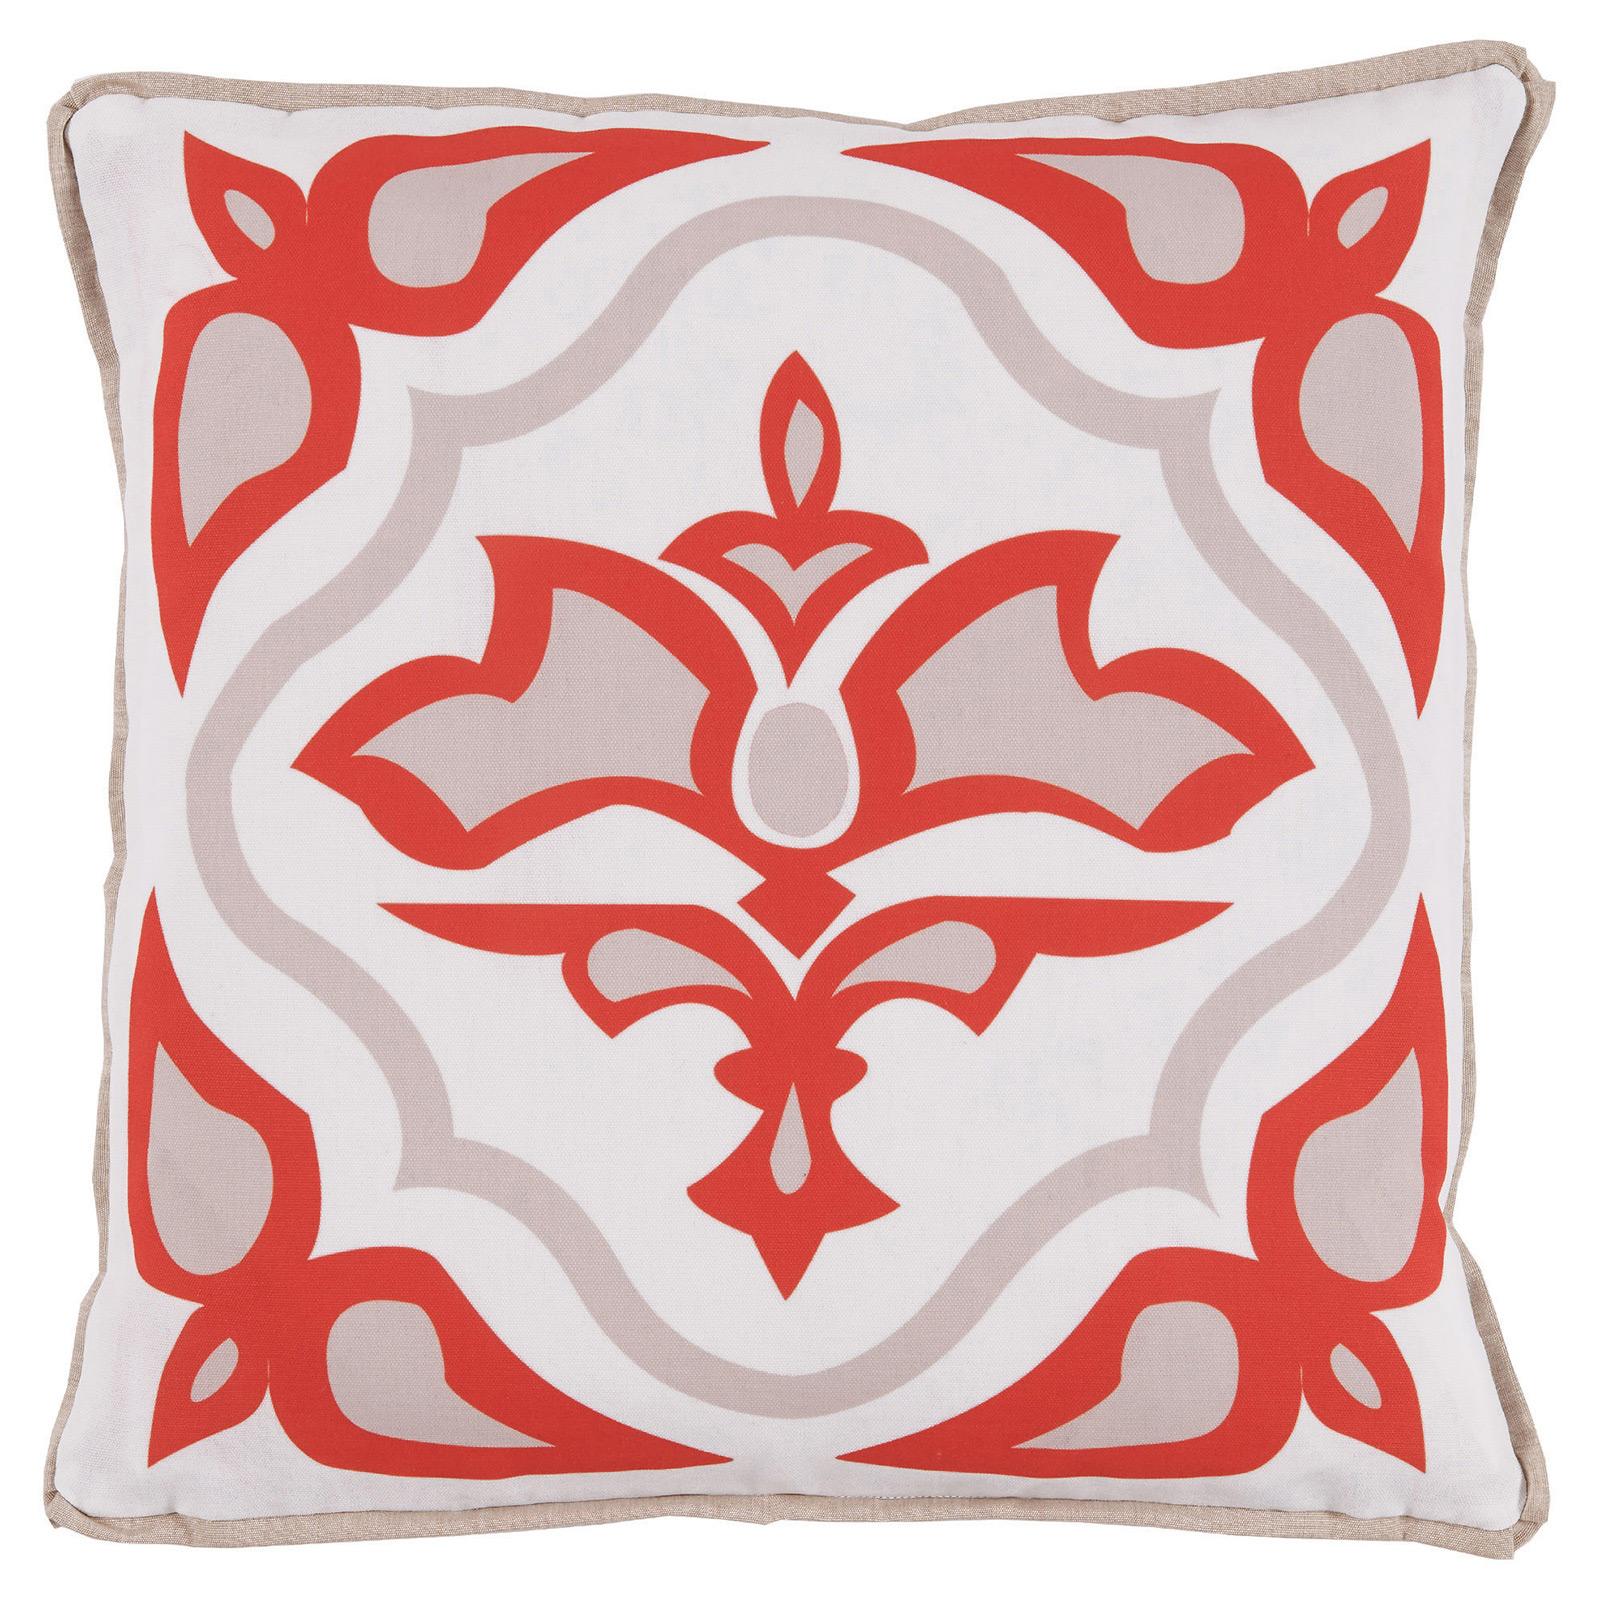 Julie Regency Abstract Melon Outdoor Pillow - 20x20